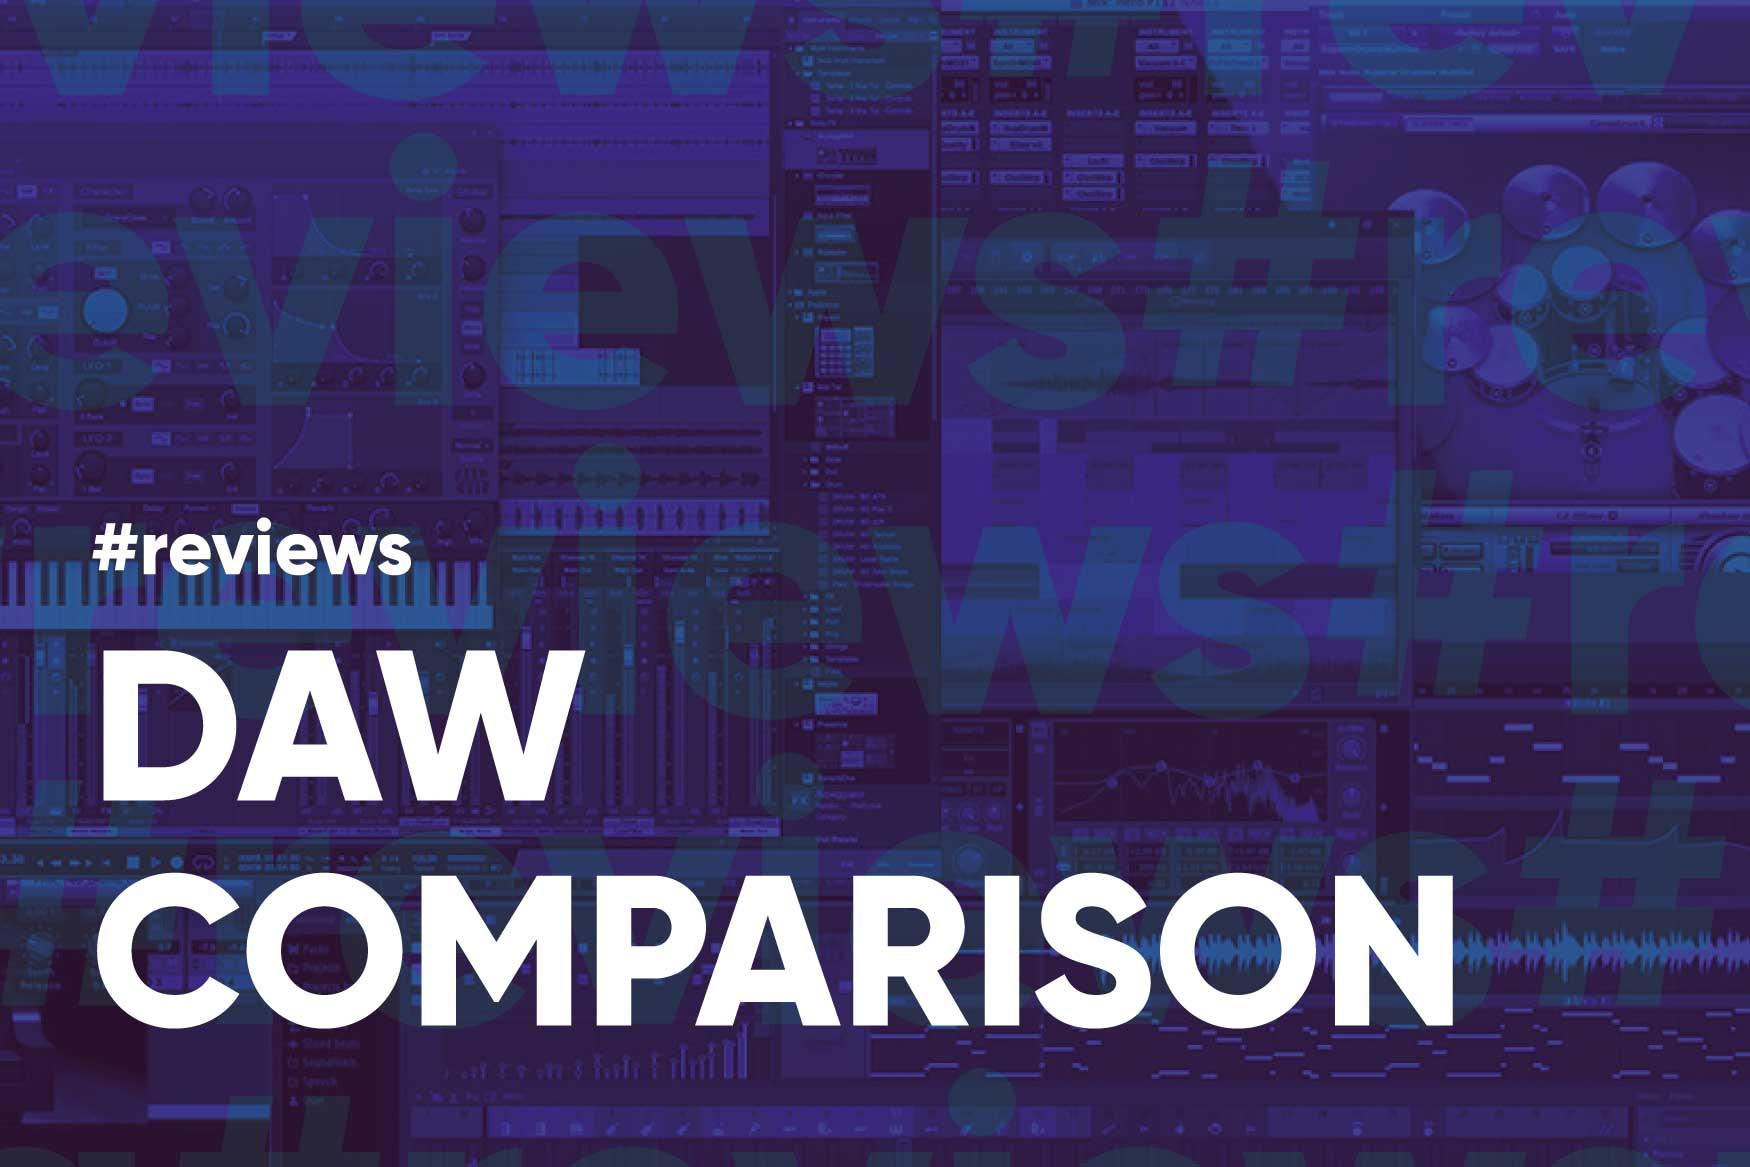 Daw-Comparison